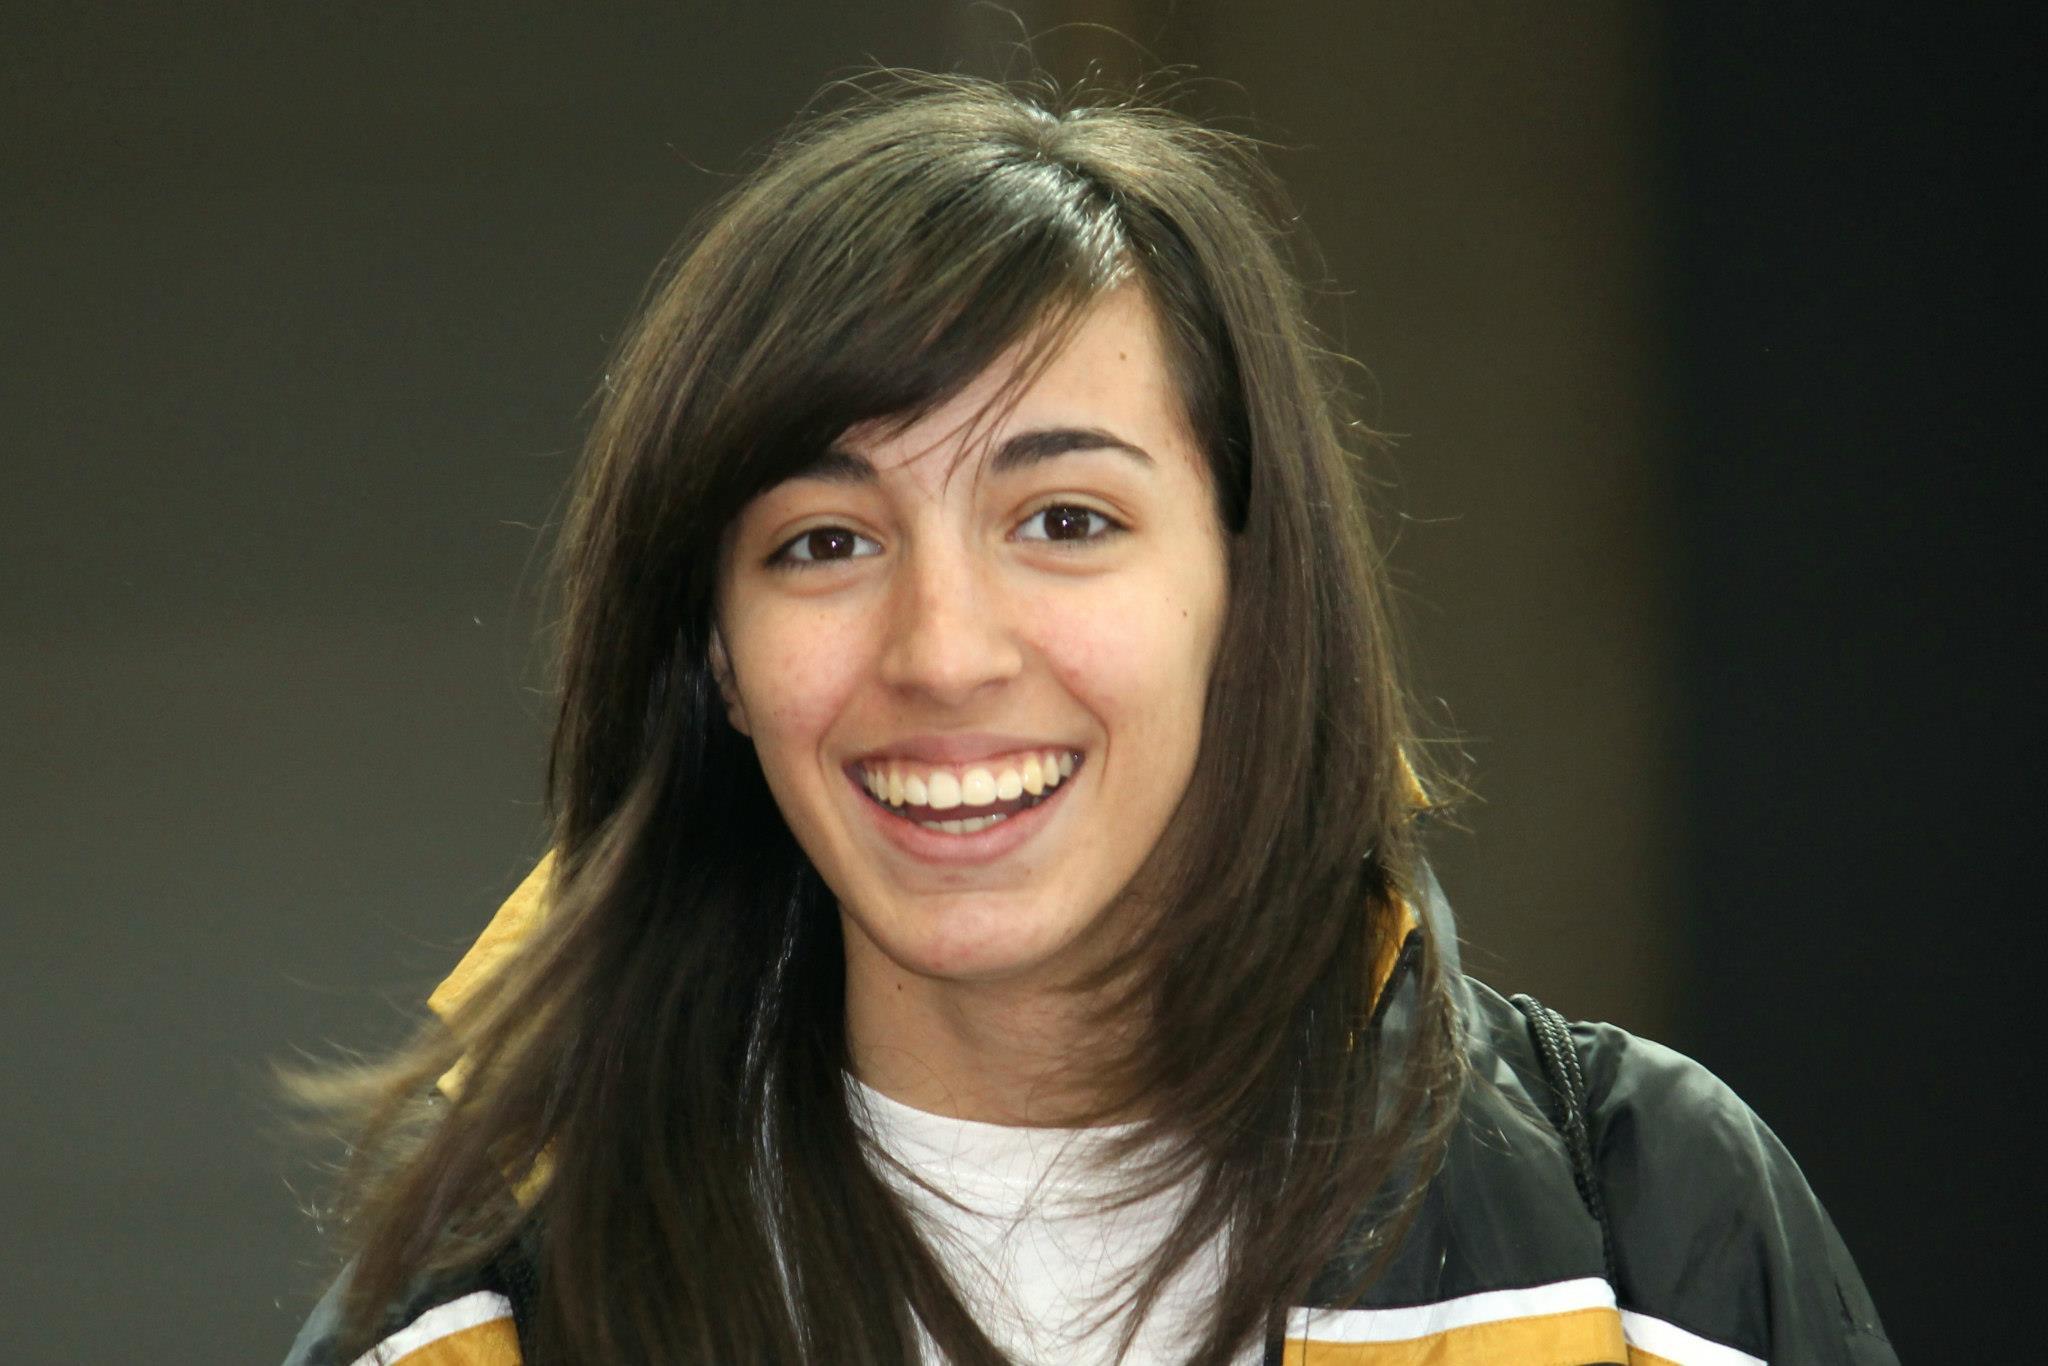 María Espinosa Representará a España en el Mundial de Gadalajara! - maria-espinosa